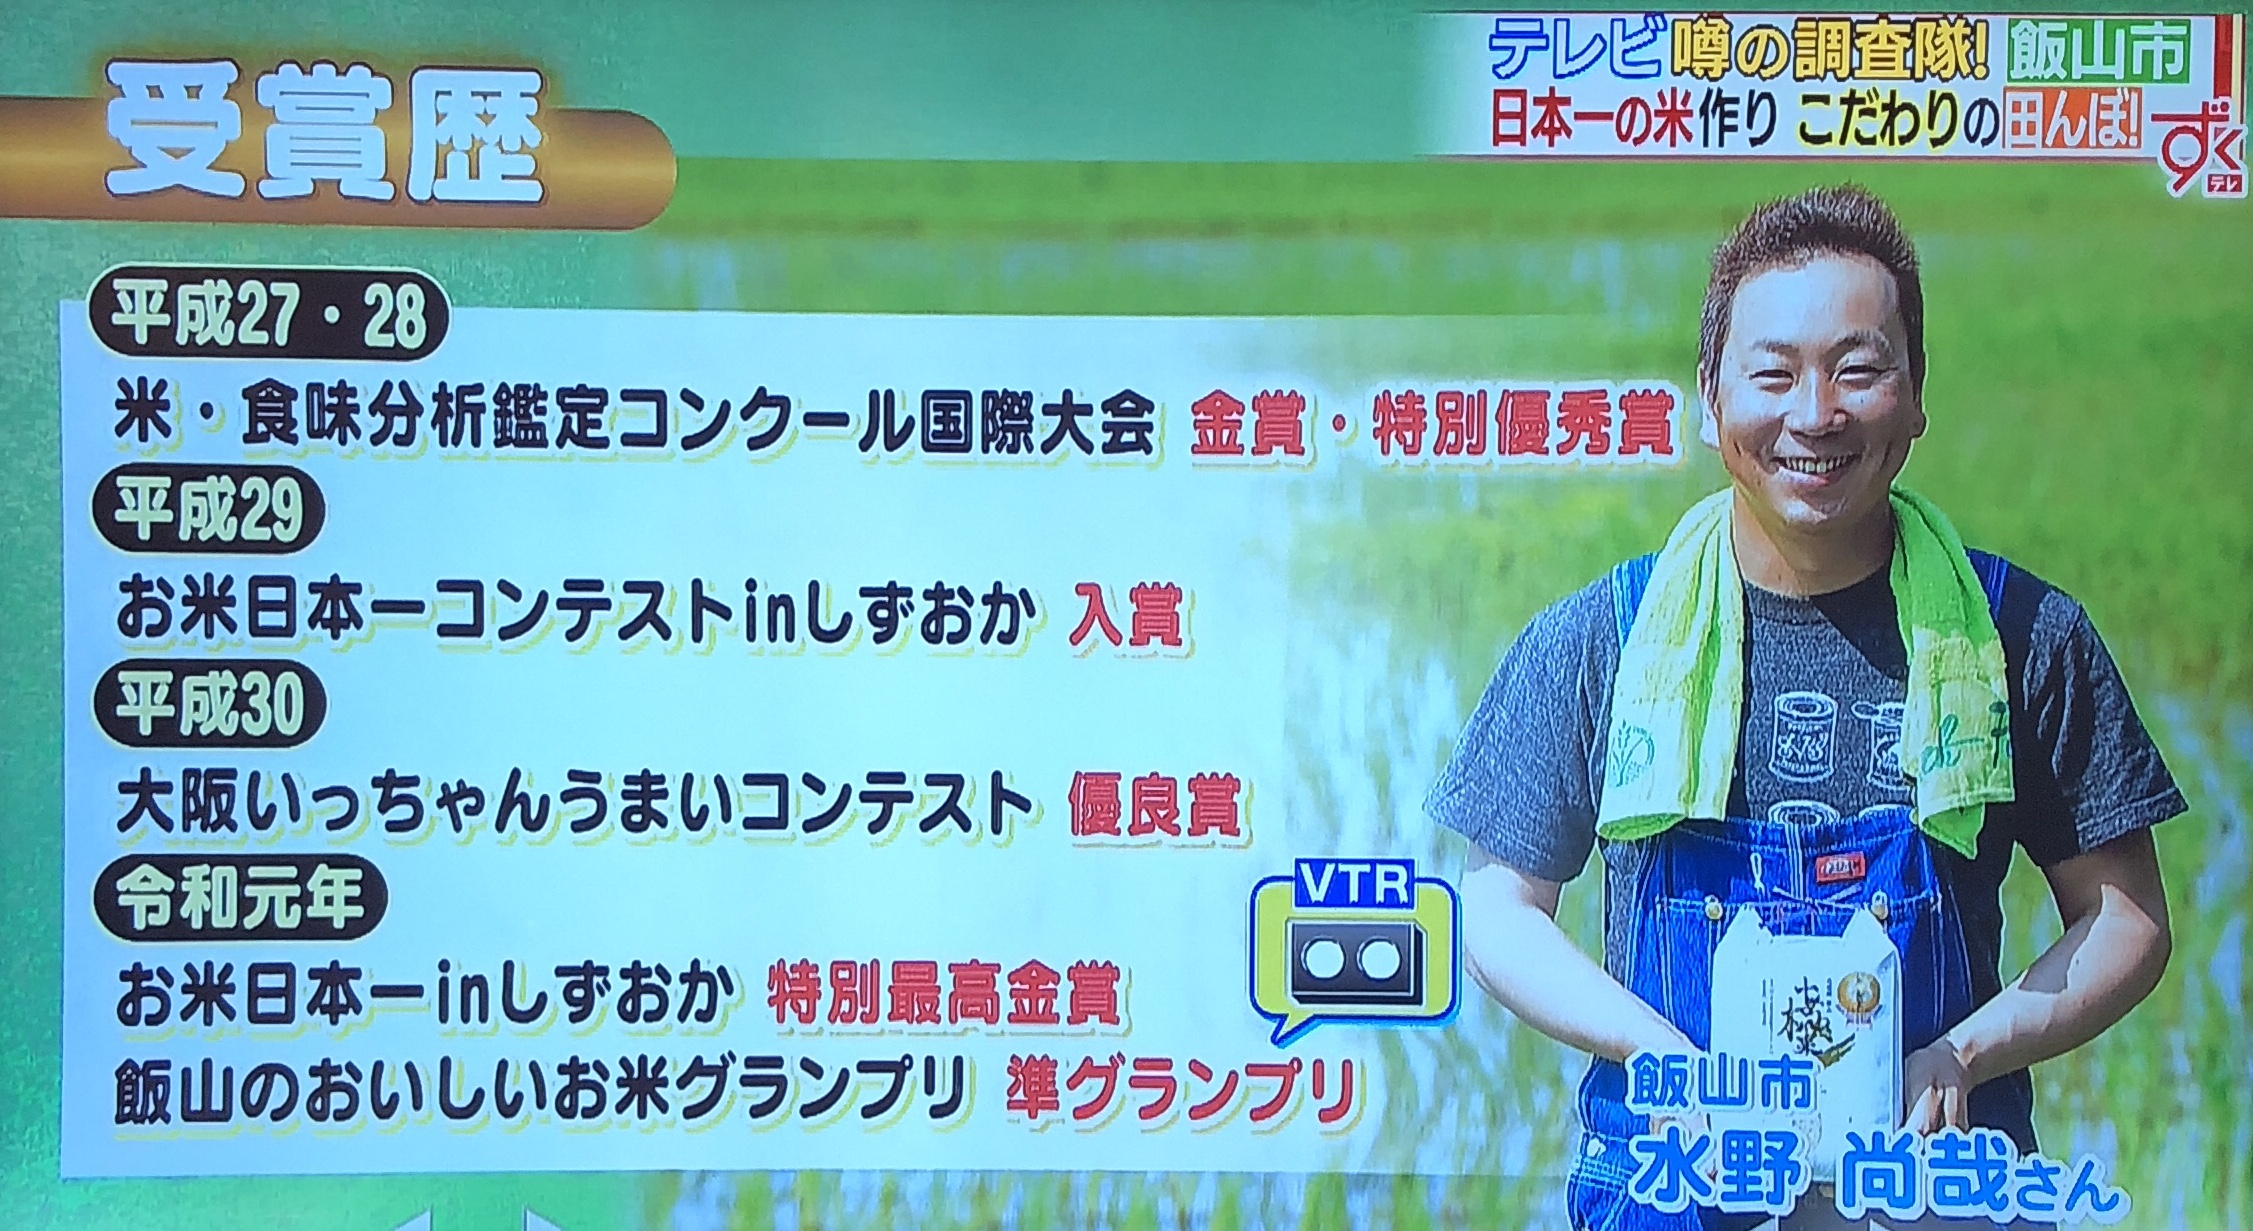 【ガチ旨】日本一の米を育てる飯山市の水野尚哉さんがSUGEEEE!!